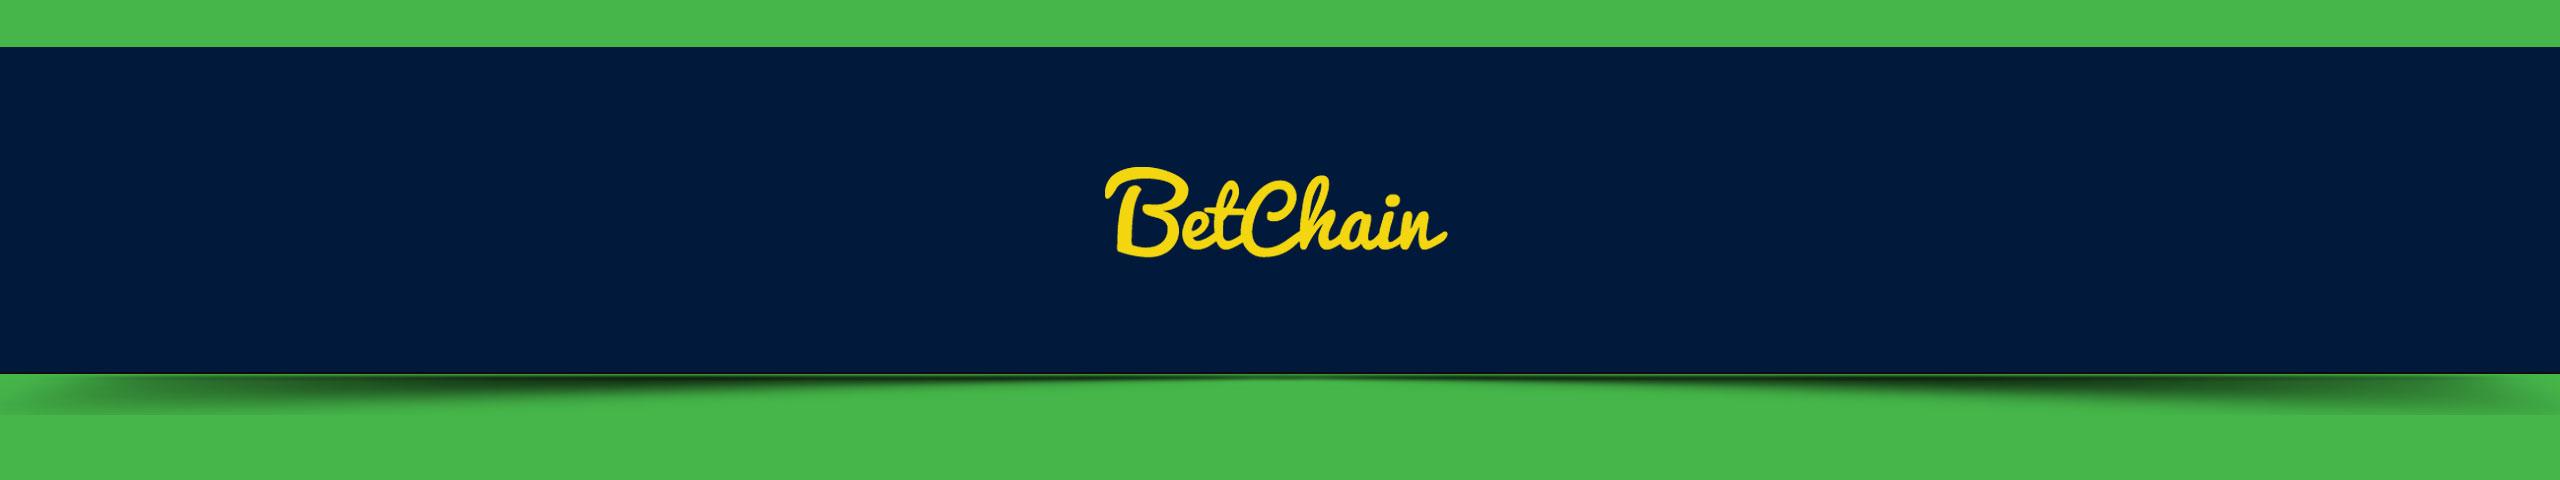 Vizualizarea Cazinoului BetChain Casino - Multabafta.com Slider